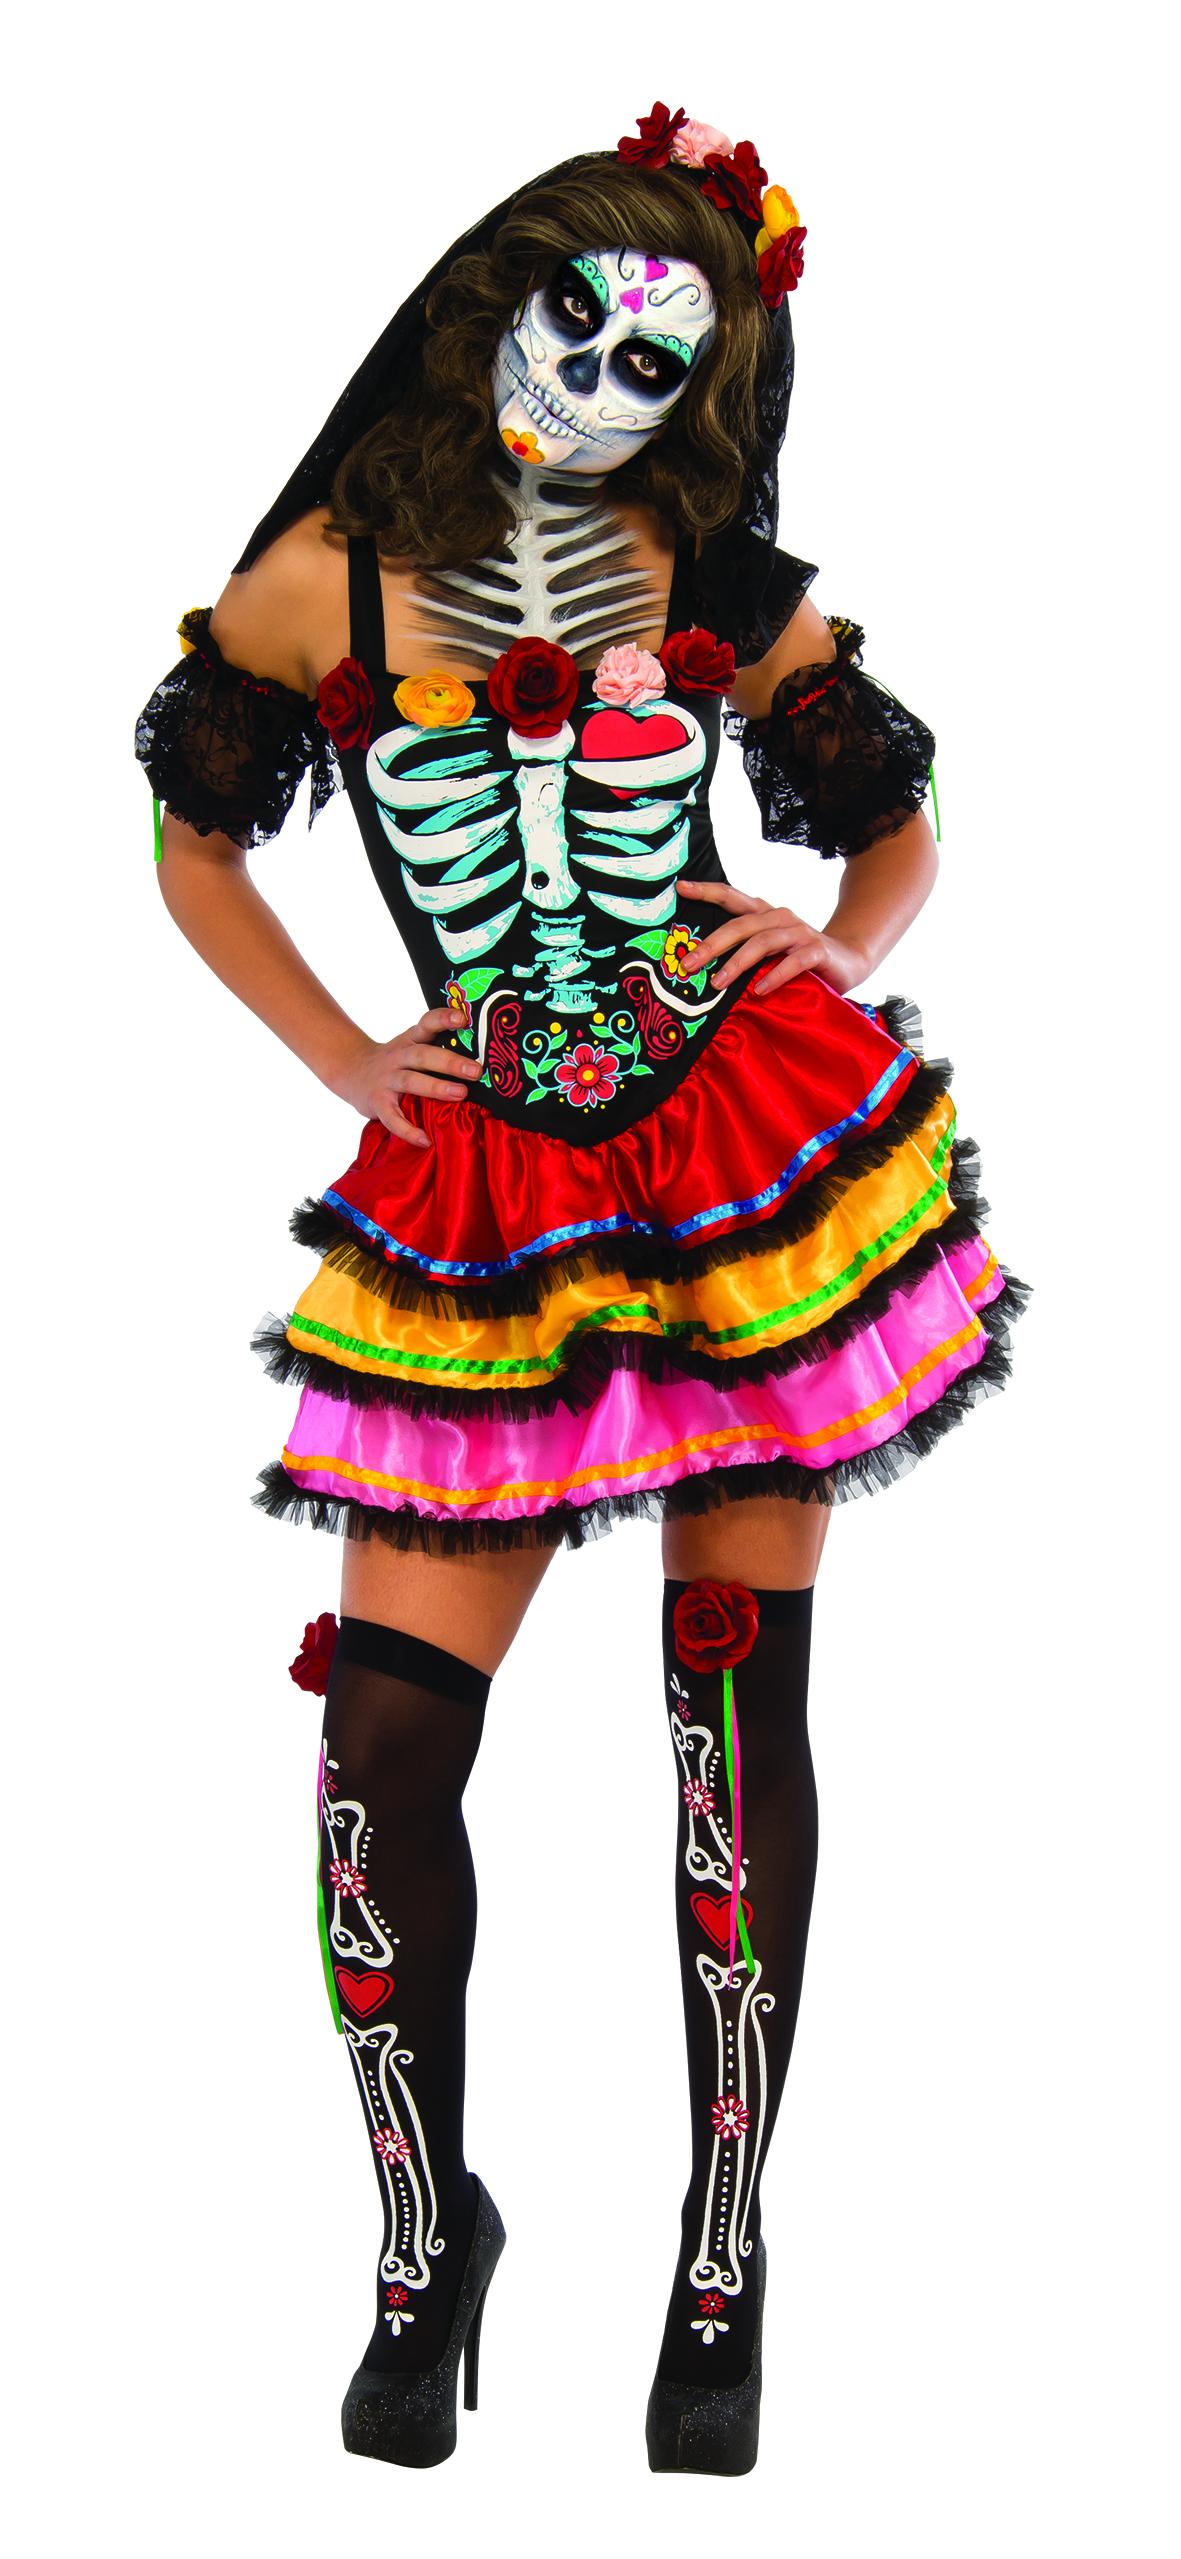 Karnevalsshop Bastian Kostume Fasching Perucken